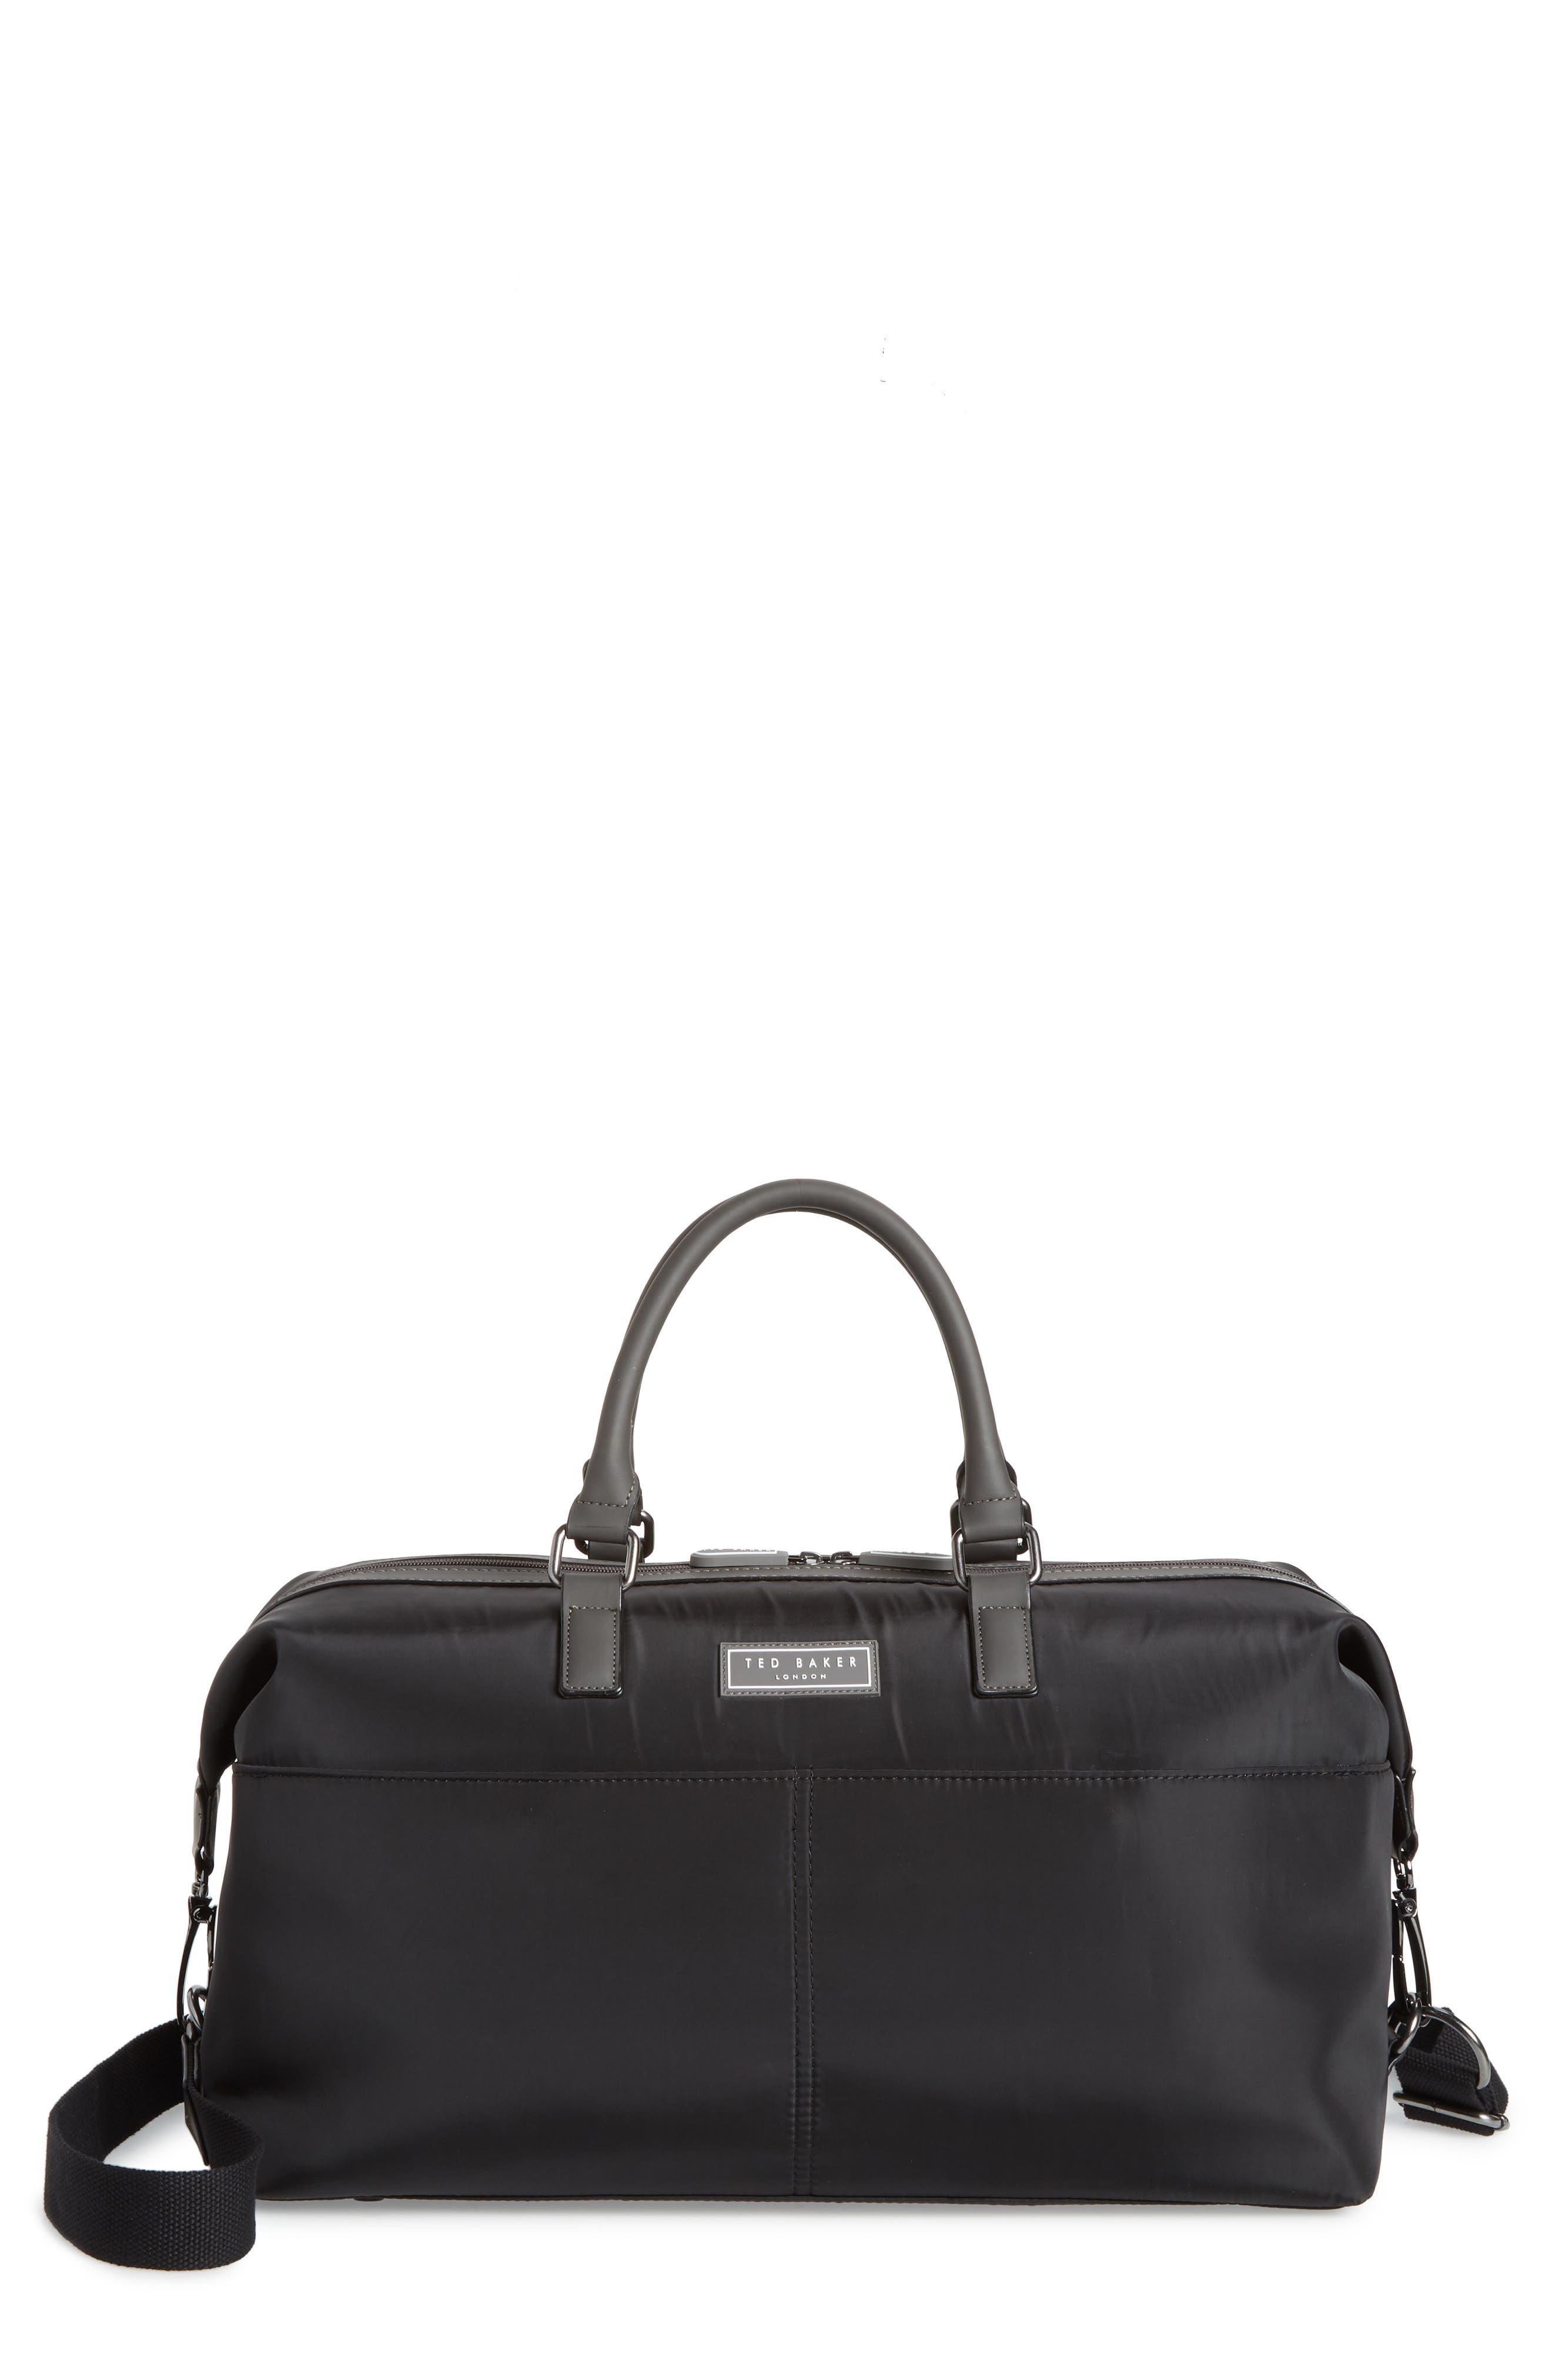 Ted Baker Women S Bags